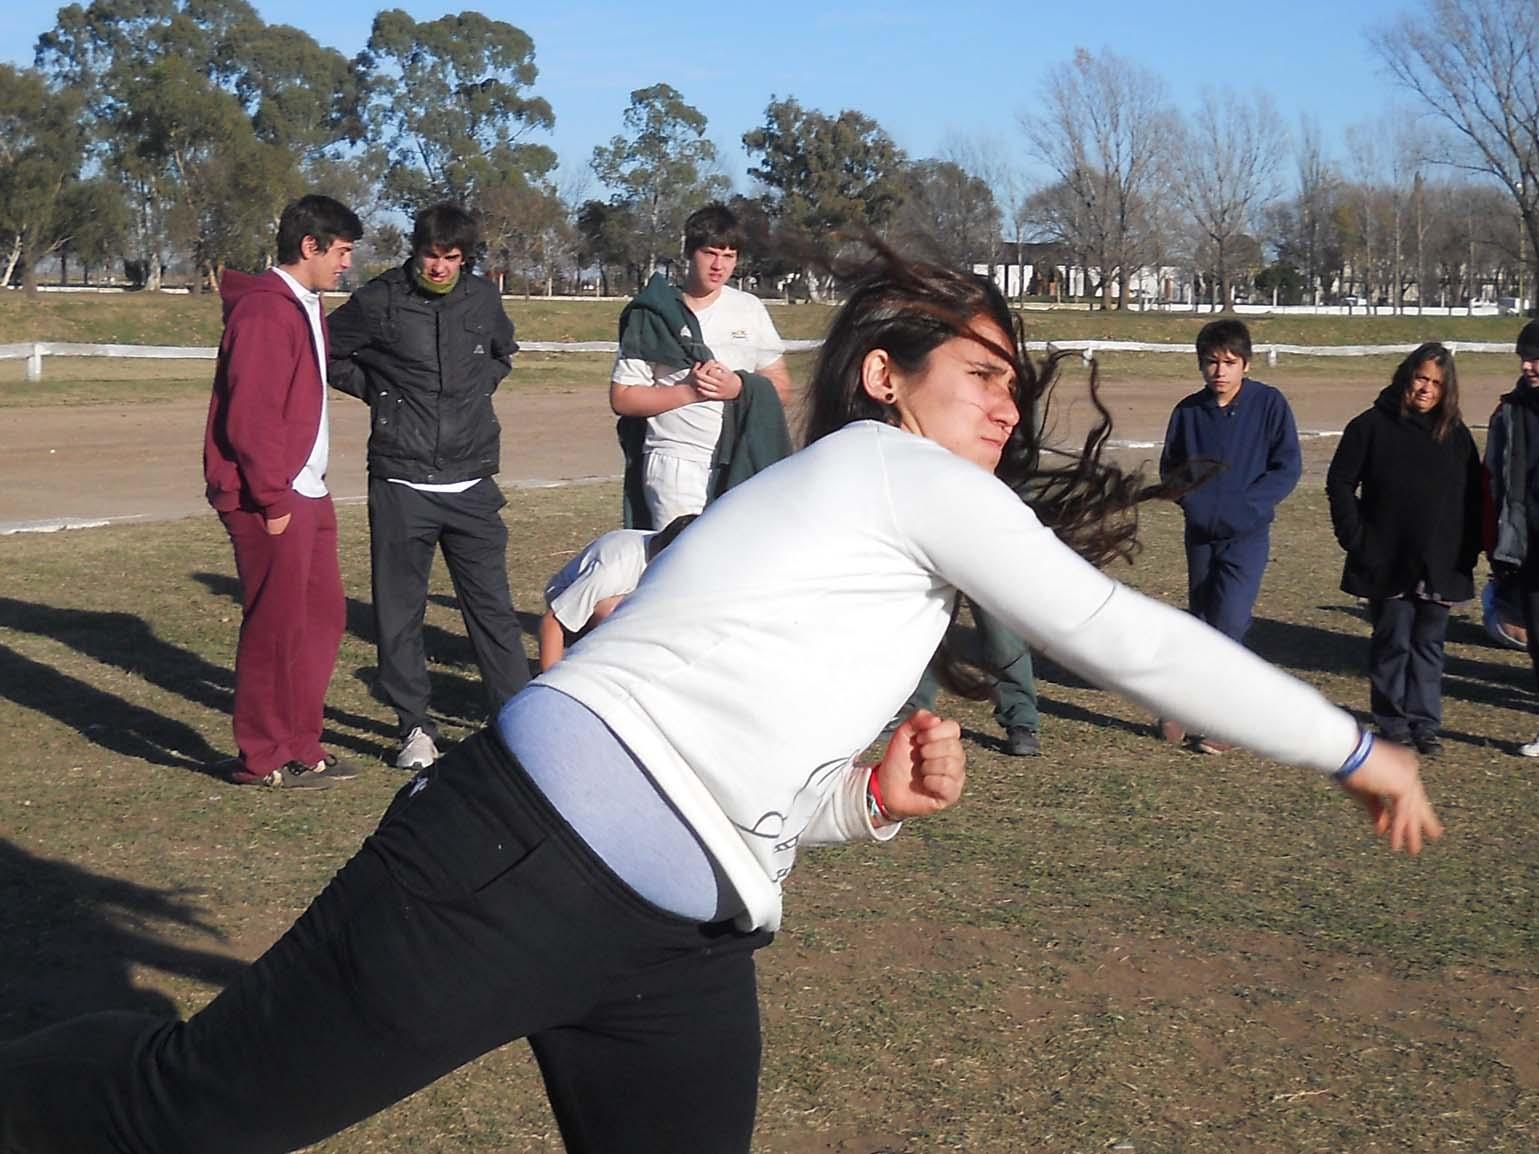 Juegos BA - atletismo distrital - junio 2015 (7)